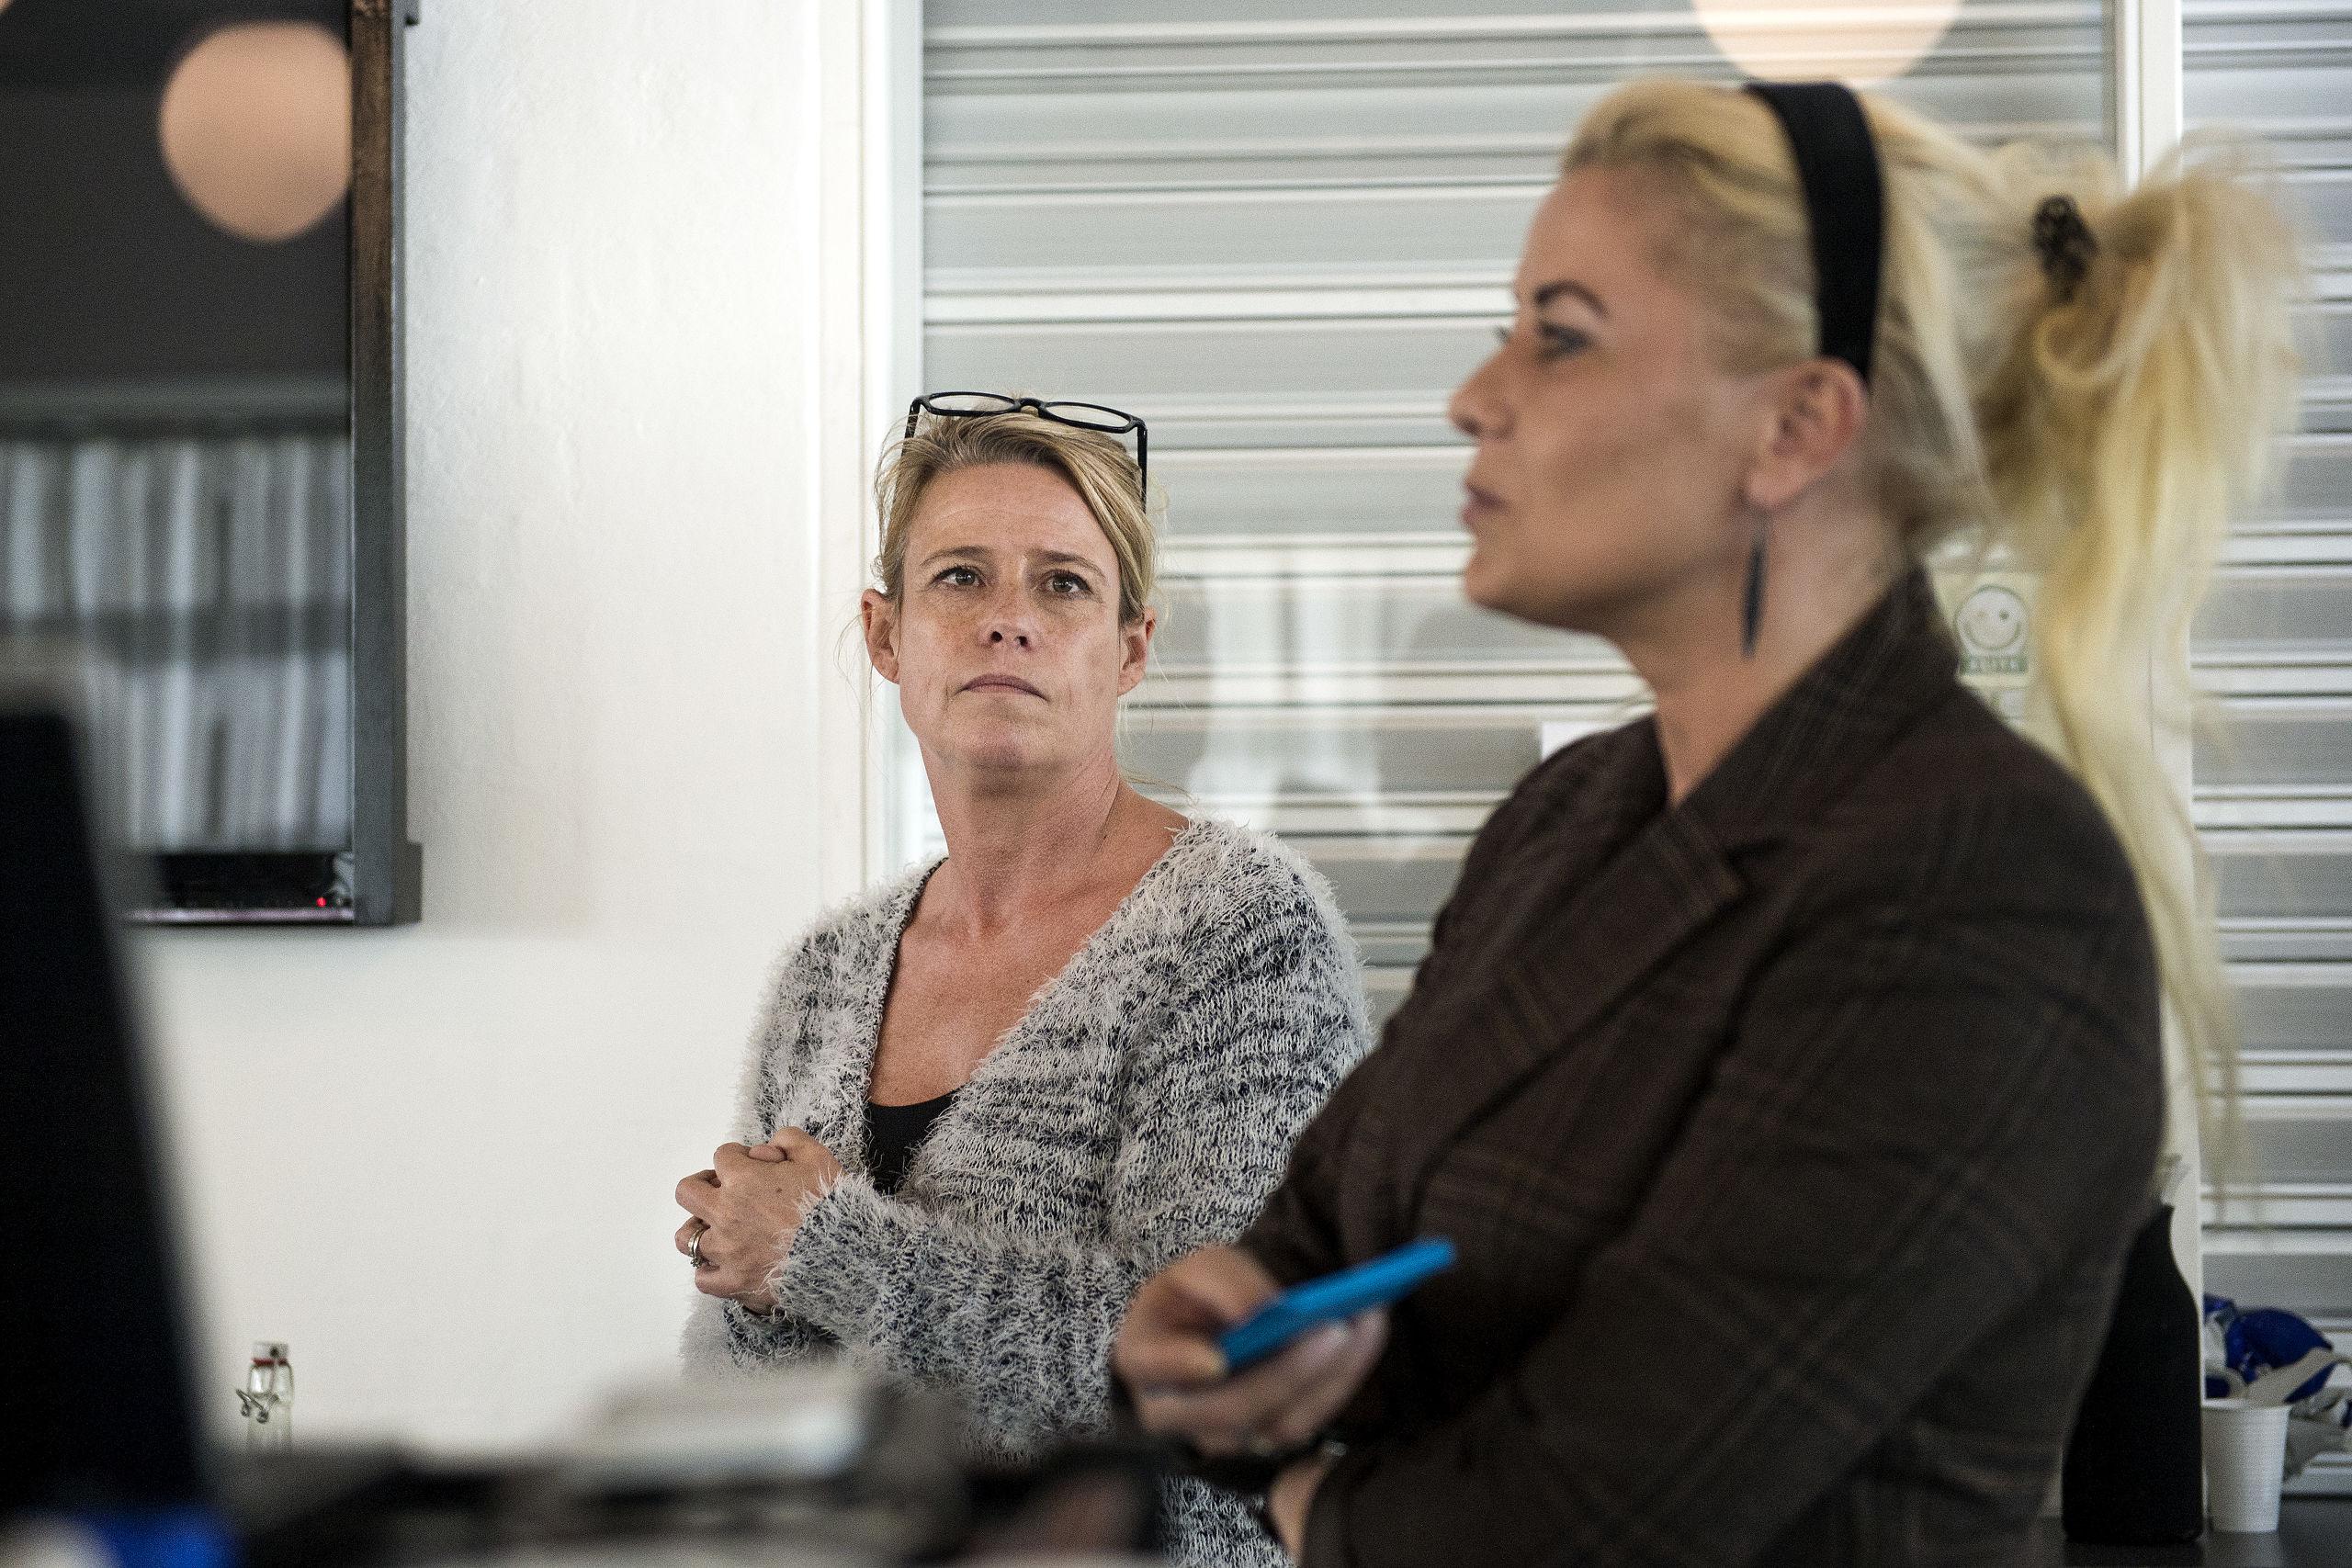 Rikke Neumann Andersen, der ses til venstre, er næstformand i støtteforeningen for Victoriaskolen, og hun er af den opfattelse, at skoleplanerne er væltet omkuld af et kommunalt bureaukrati. Arkivfoto: Laura Guldhammer